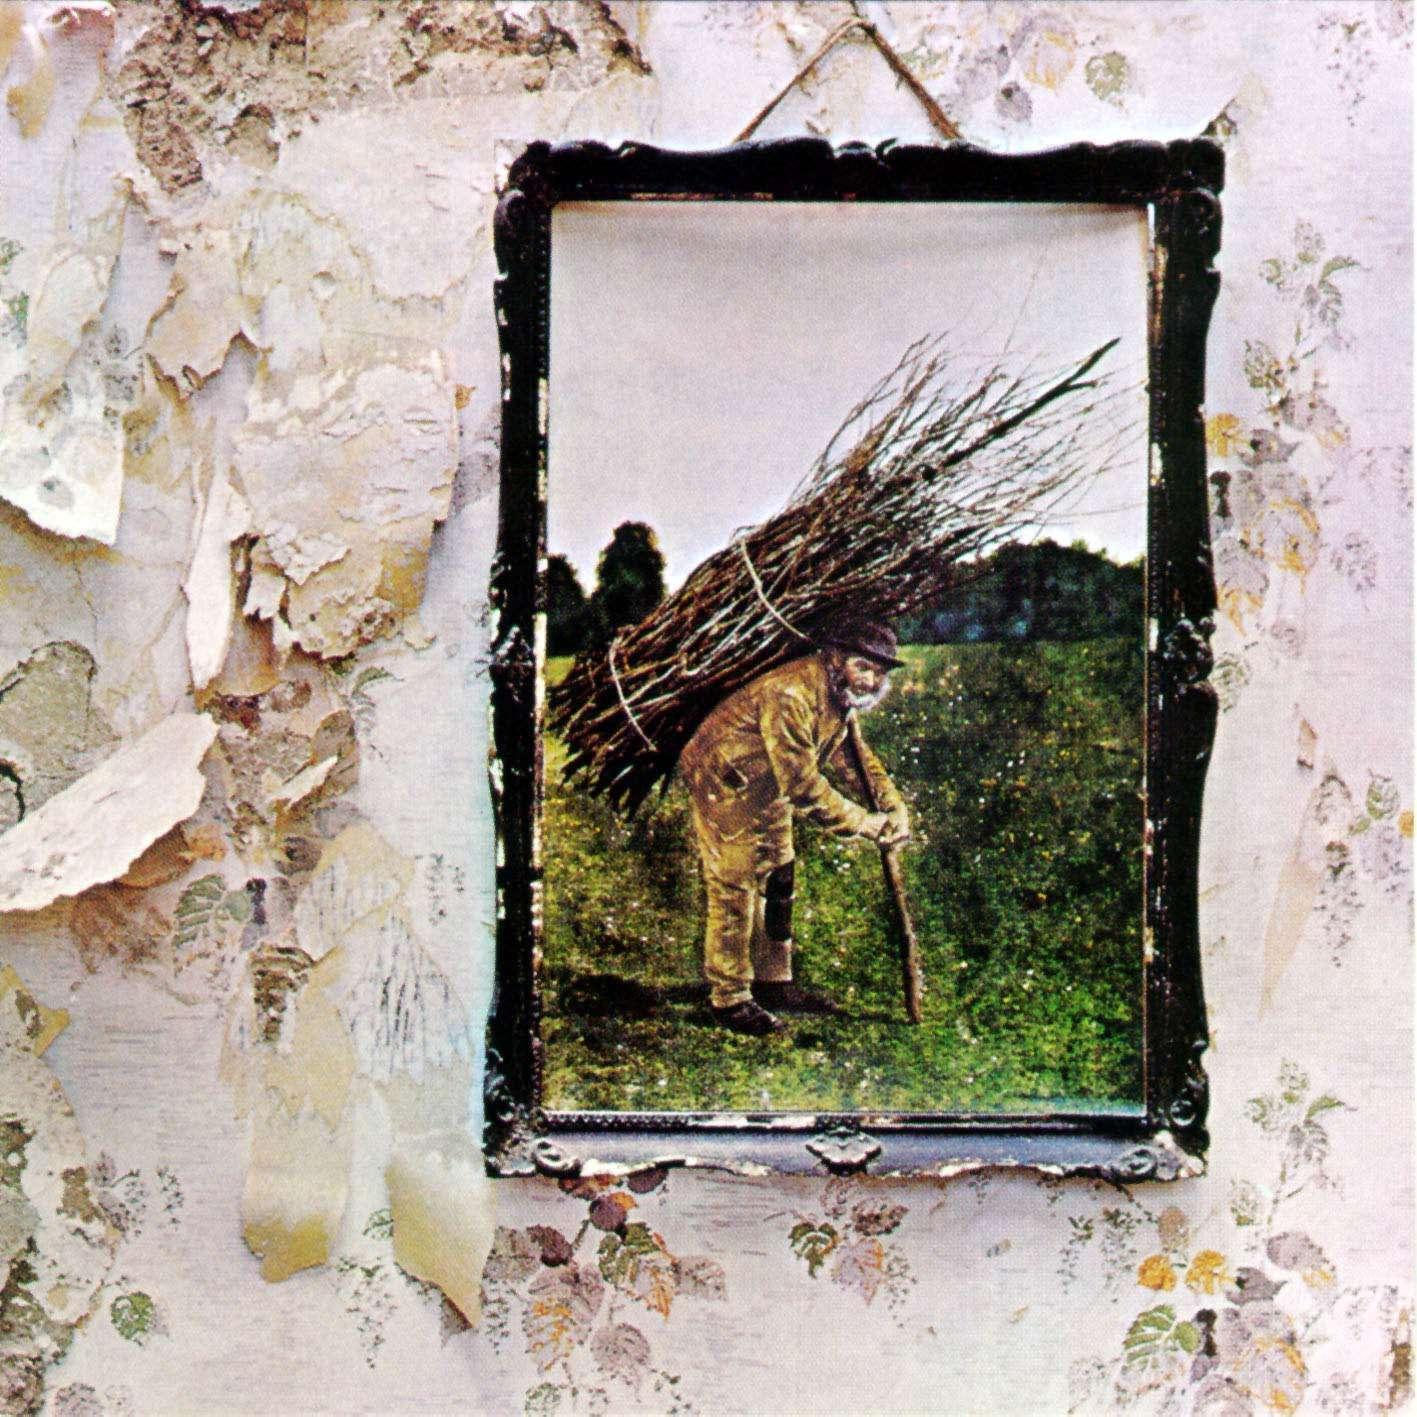 Led zeppelin iv album